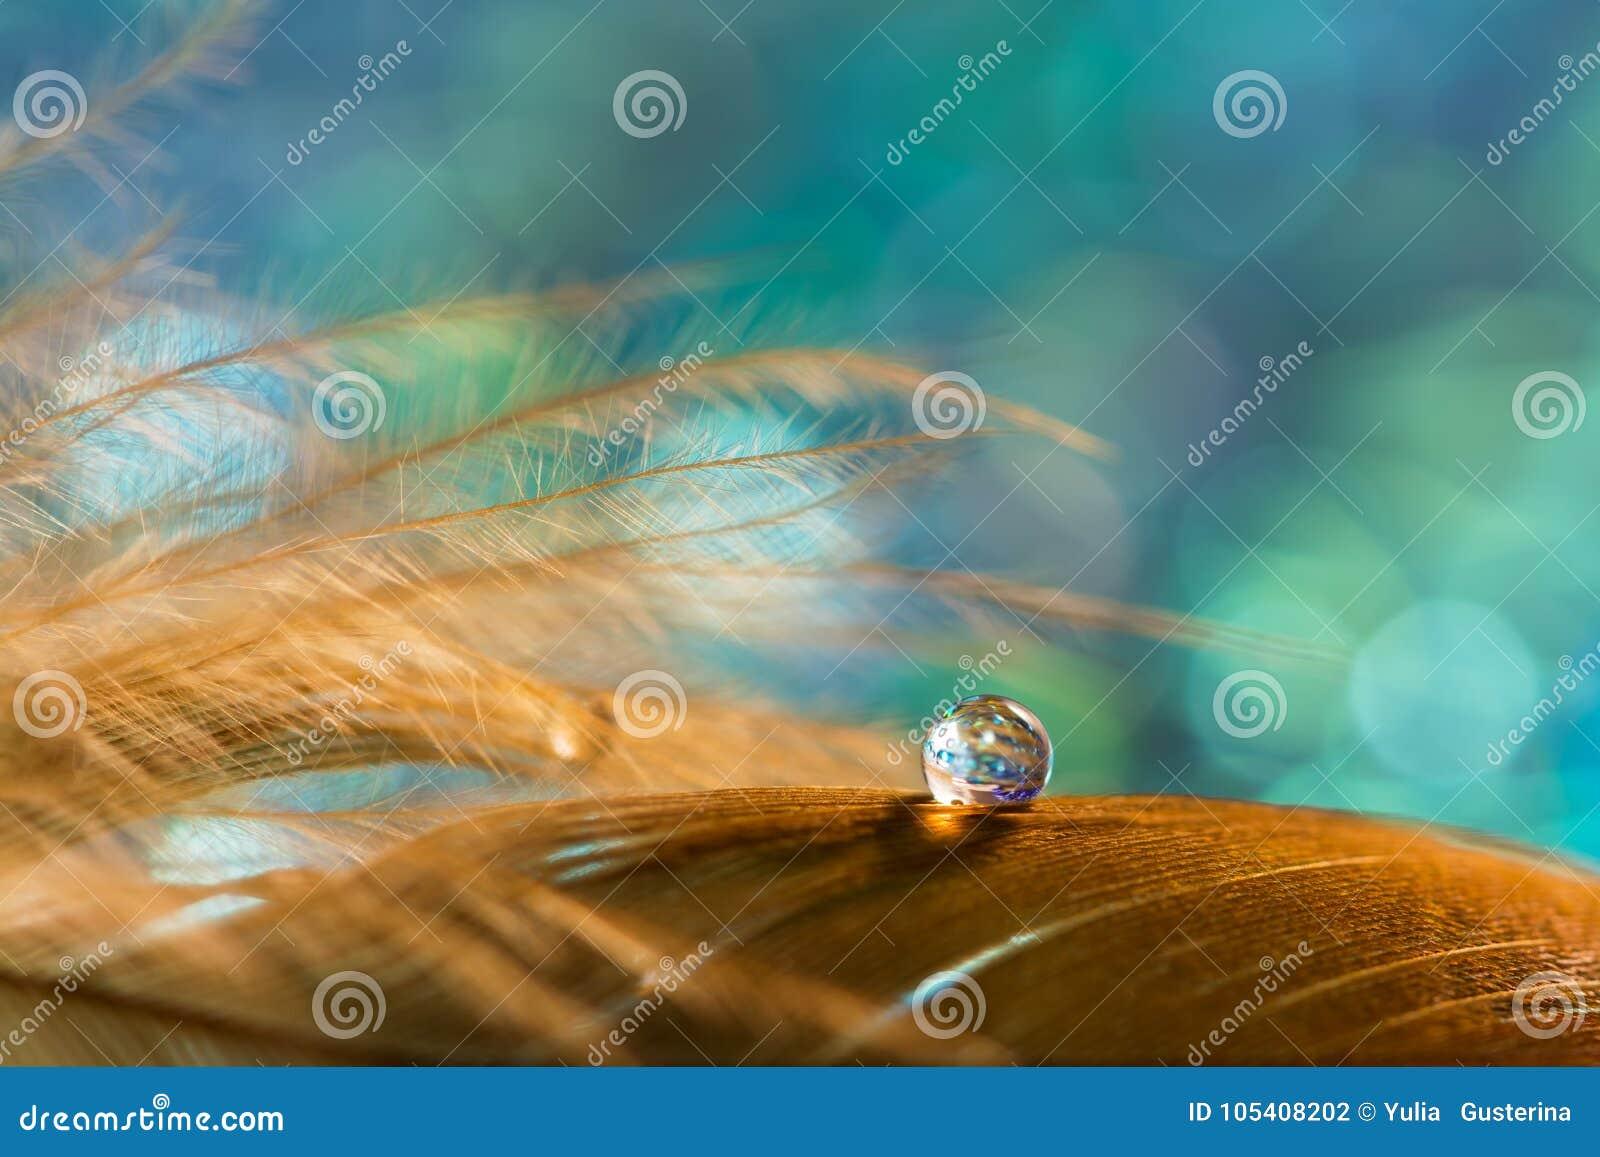 Kropla na złotym piórku ptak na szmaragdowym tle Piękny elegancki makro-